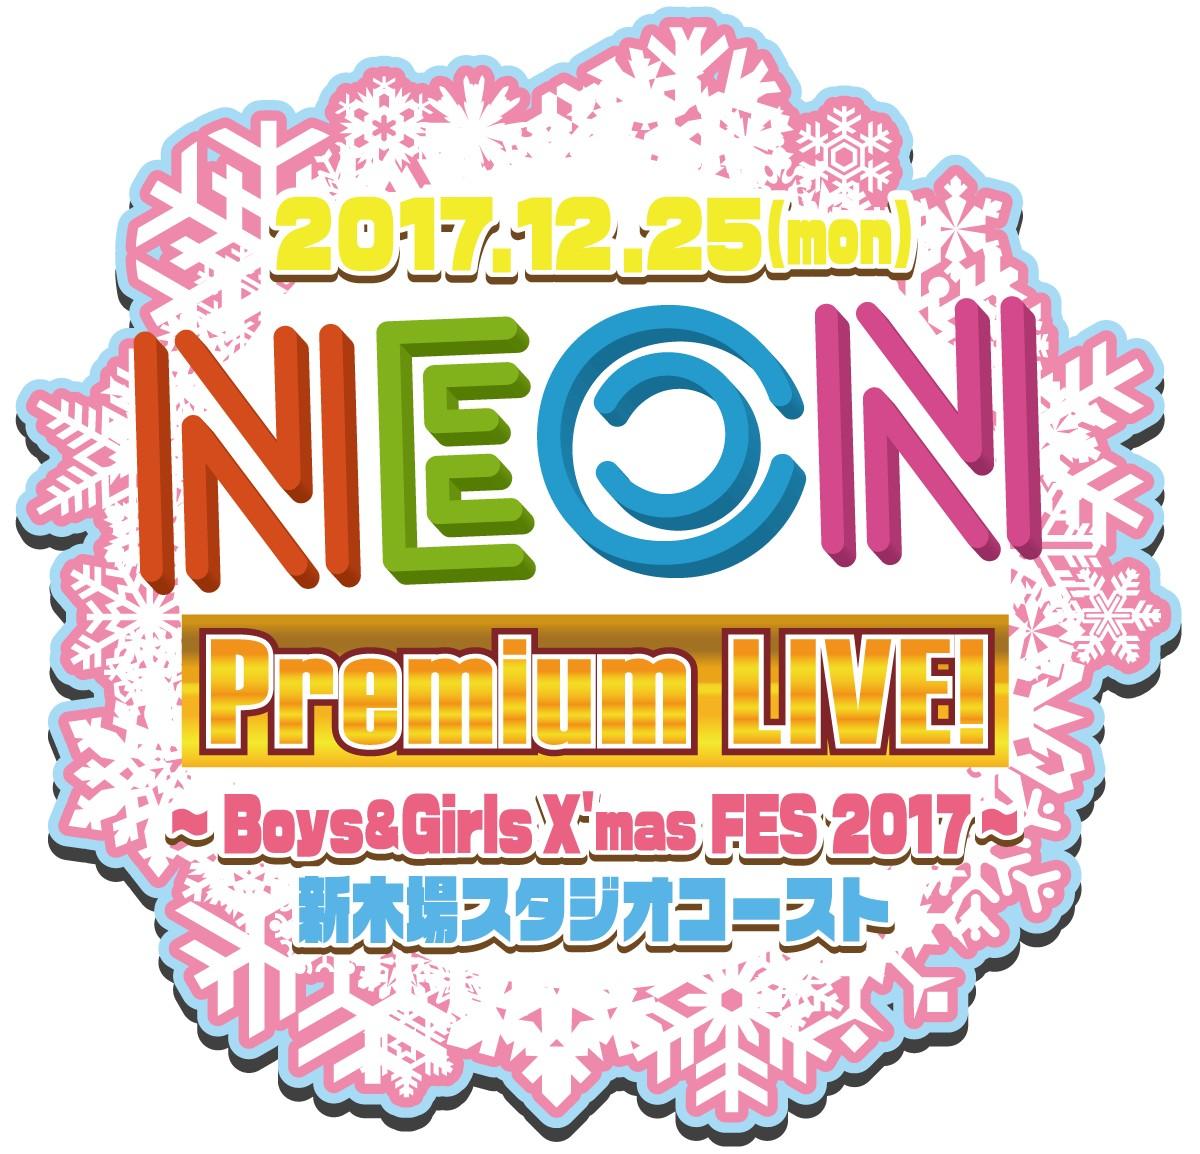 2017年12月25日(月) 『NEON Premium LIVE! ~Boys&Girls X'mas FES 2017~』